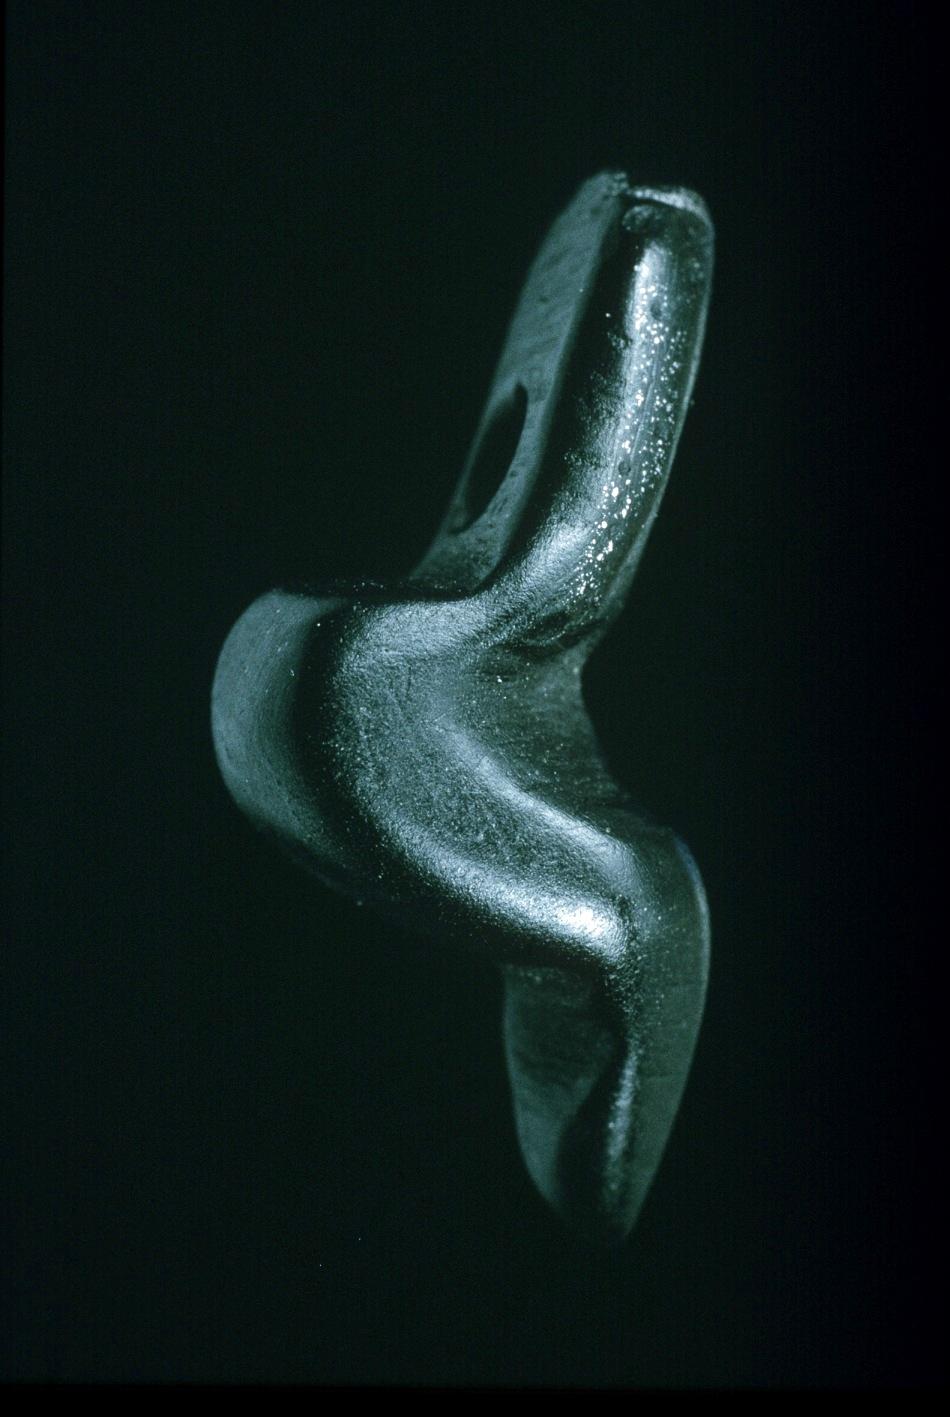 Venus din Monruz (Elveţia) este un pandantiv de mici dimensiuni (18 mm înălţime), reprezentând o siluetă feminină stilizată; este realizat din gagat (un lemn fosilizat, de culoare neagră) şi are o vechime de cca. 11.000 de ani.